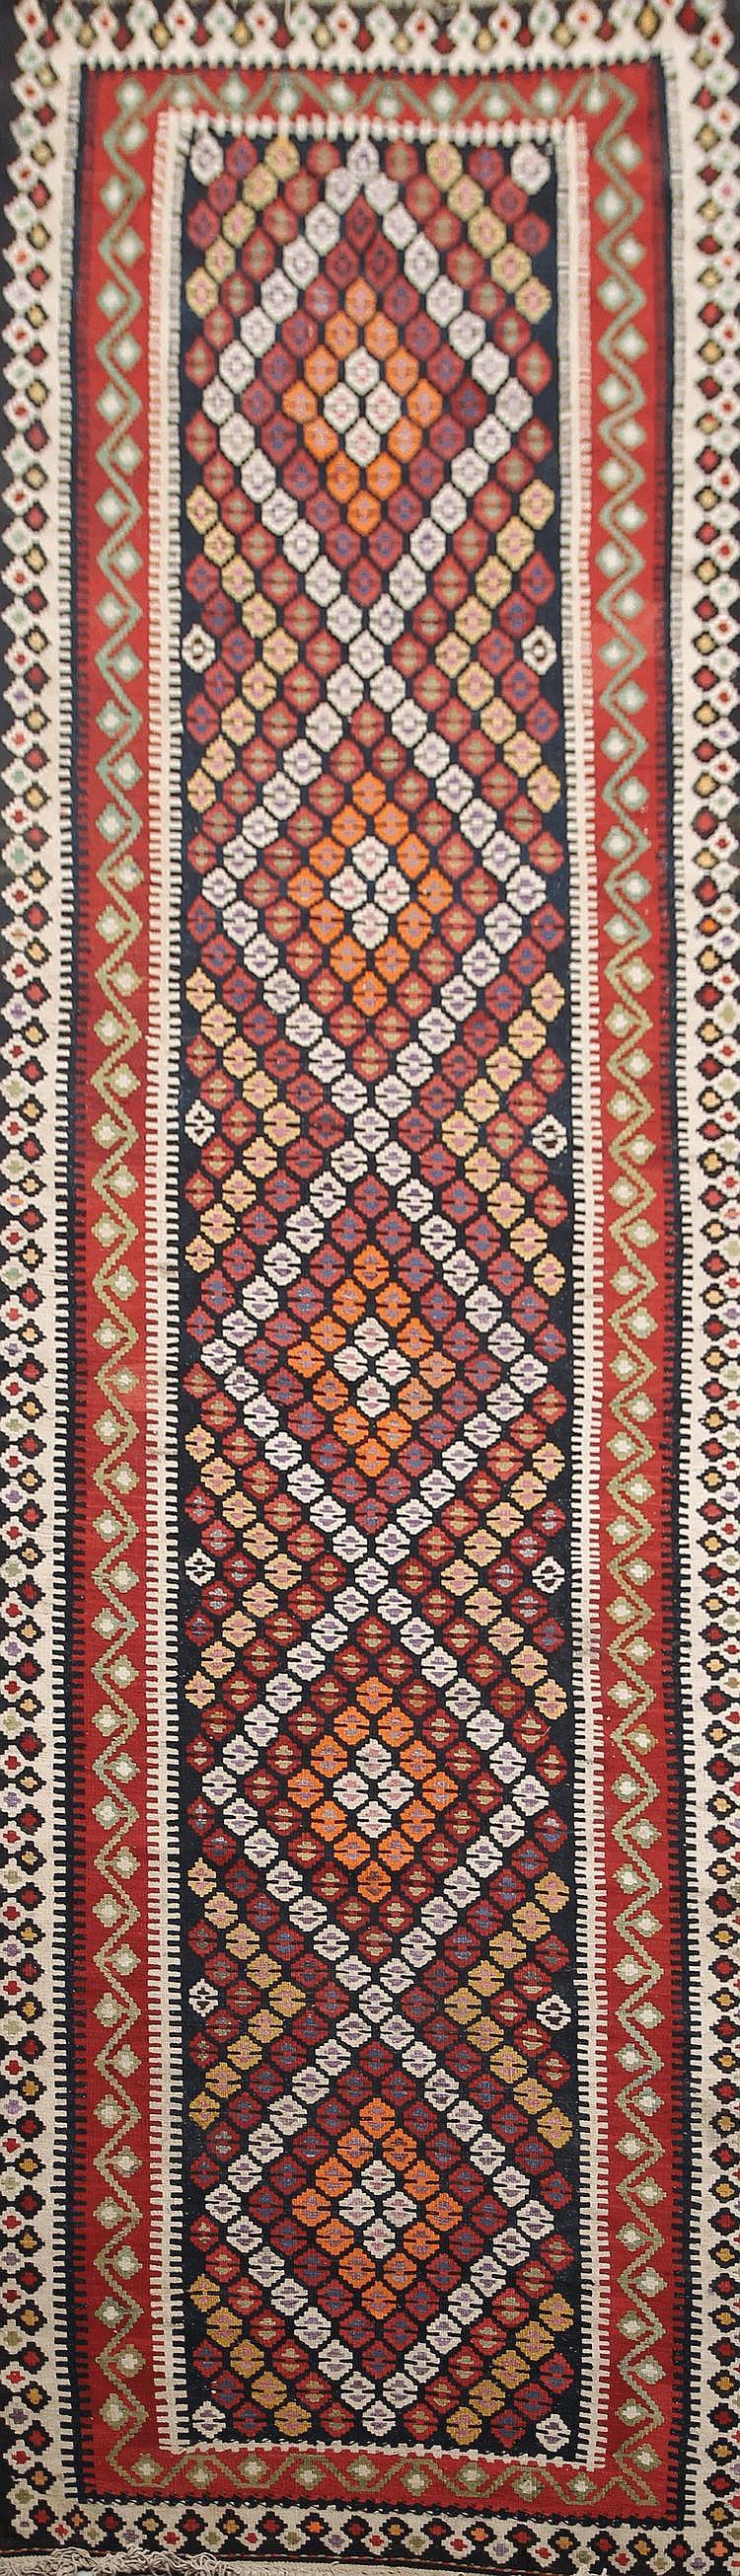 Grande galerie KILIM-SENNEH- KURDE (nord-ouest de l'Iran) à semis d'encres et de crochets stylisés 358 x 104 cm